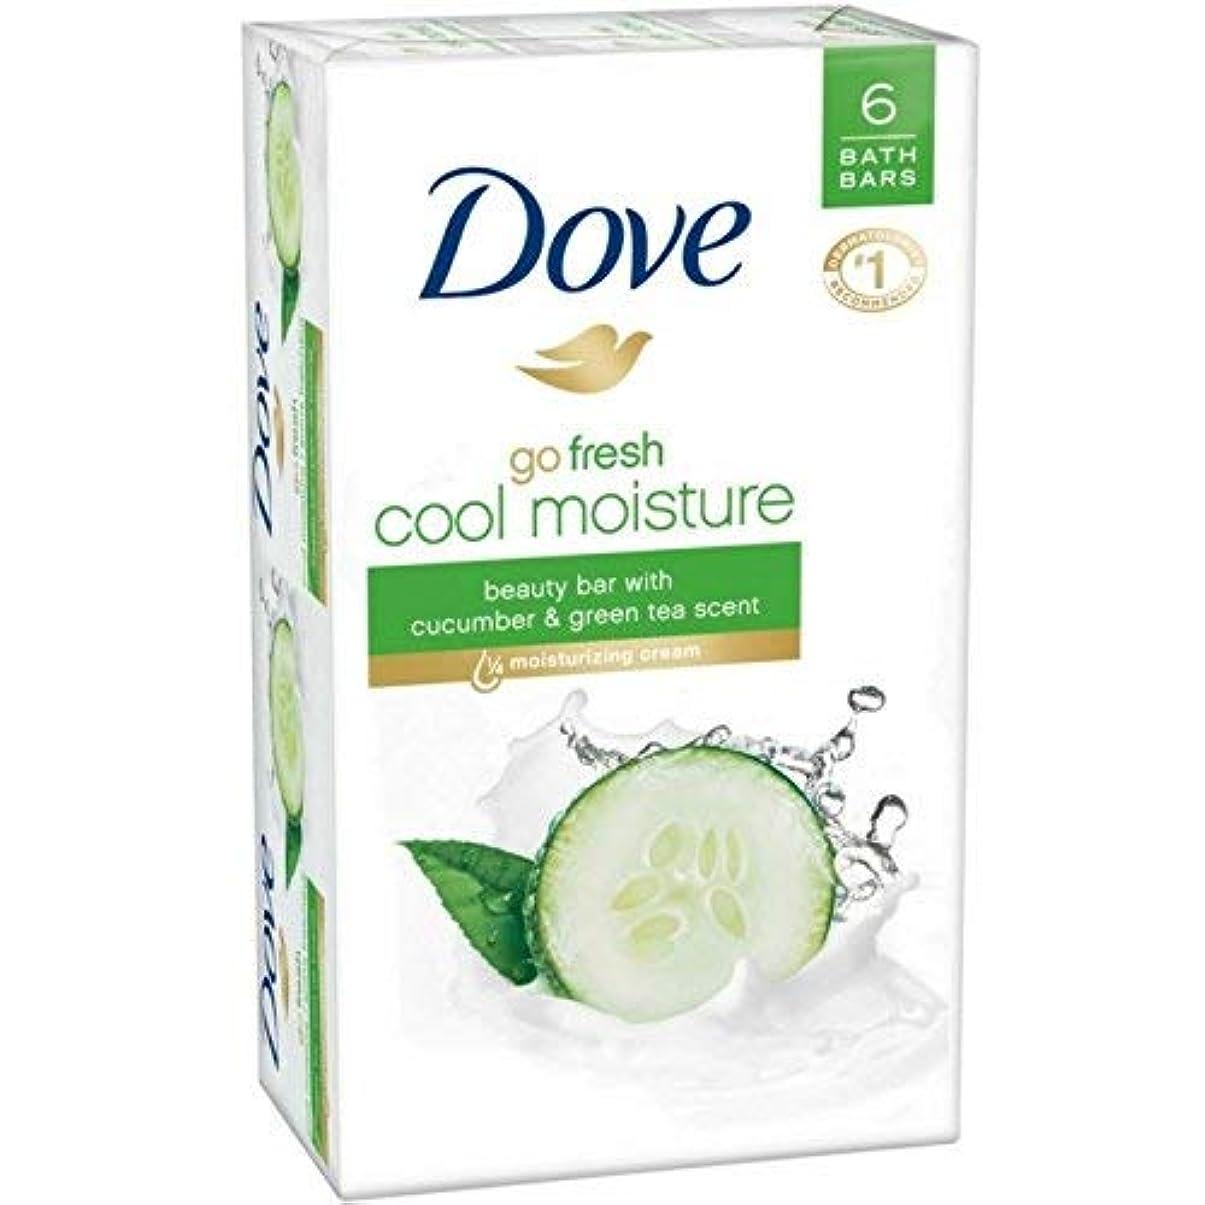 利得パーツ原稿Dove 行く新鮮な美しさバーキュウリ、緑茶4オズ、6バー(6パック)